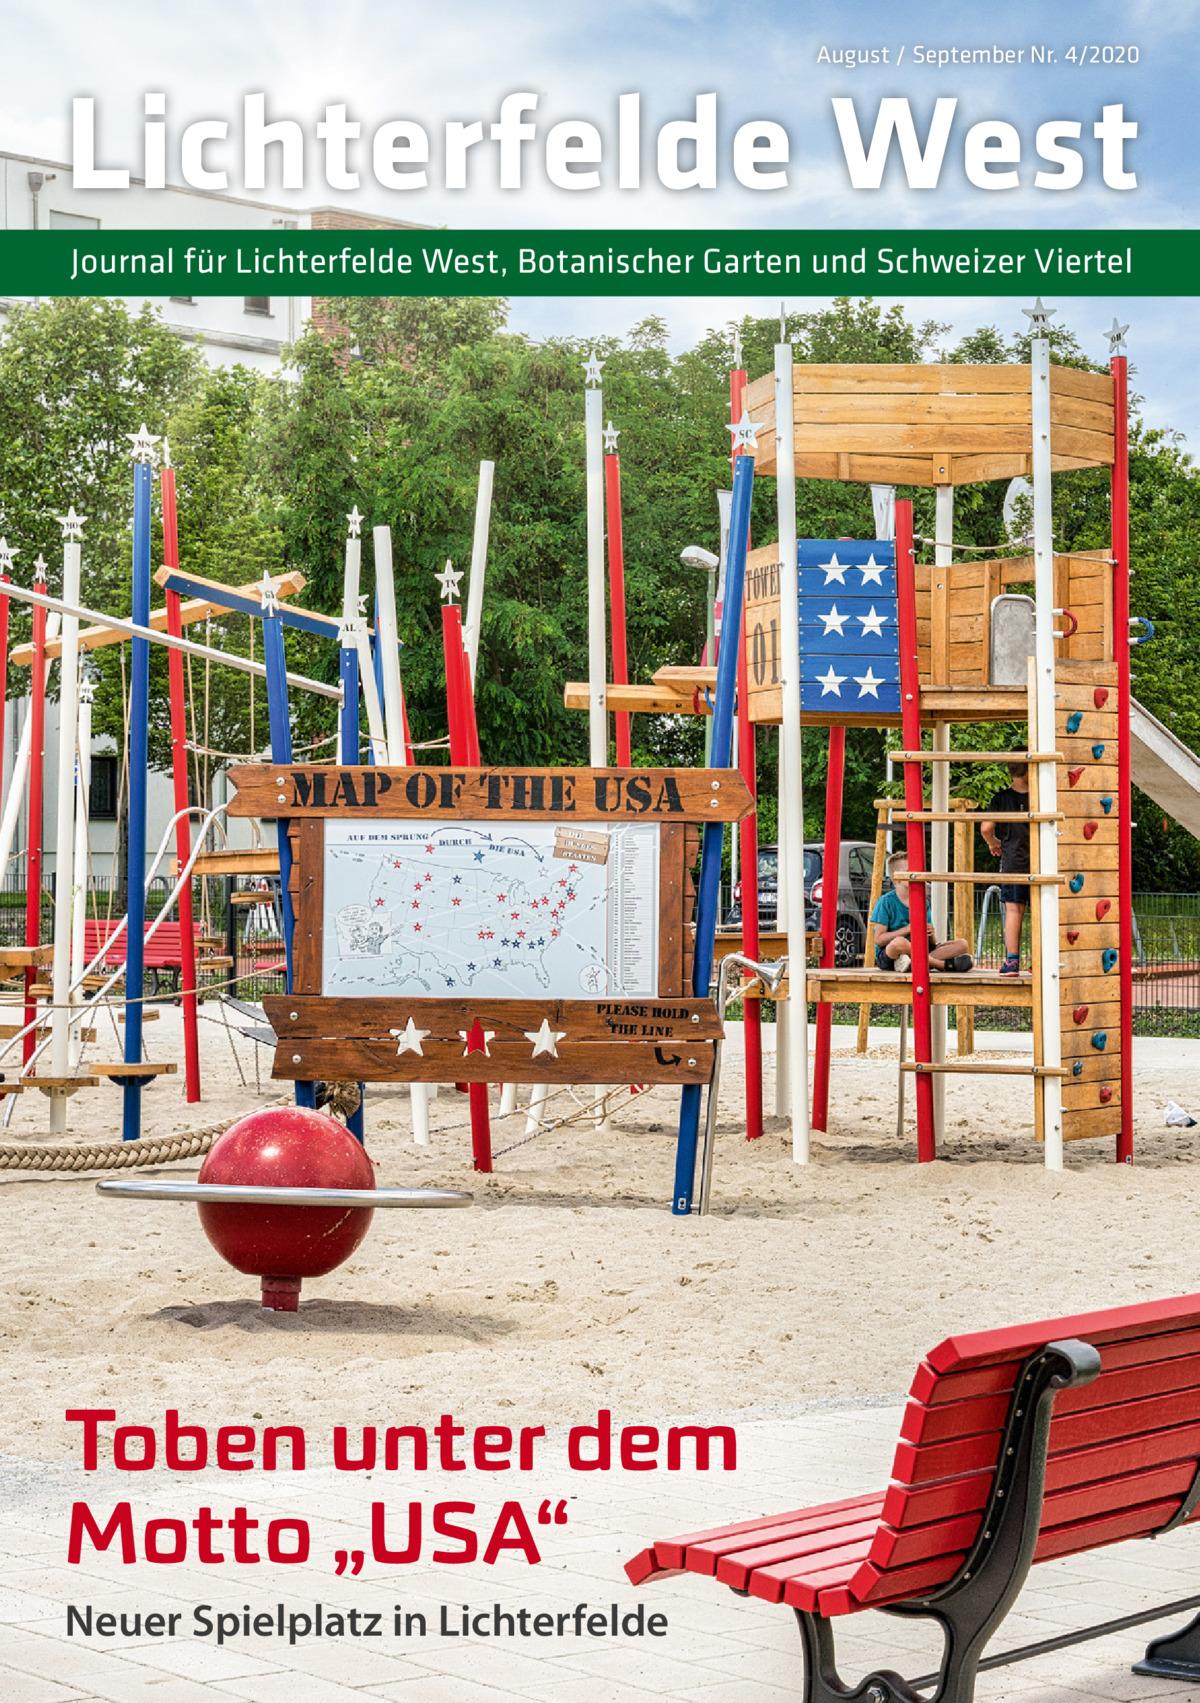 """August / September Nr. 4/2020  Lichterfelde West Journal für Lichterfelde West, Botanischer Garten und Schweizer Viertel  Toben unter dem Motto """"USA"""" Neuer Spielplatz in Lichterfelde"""